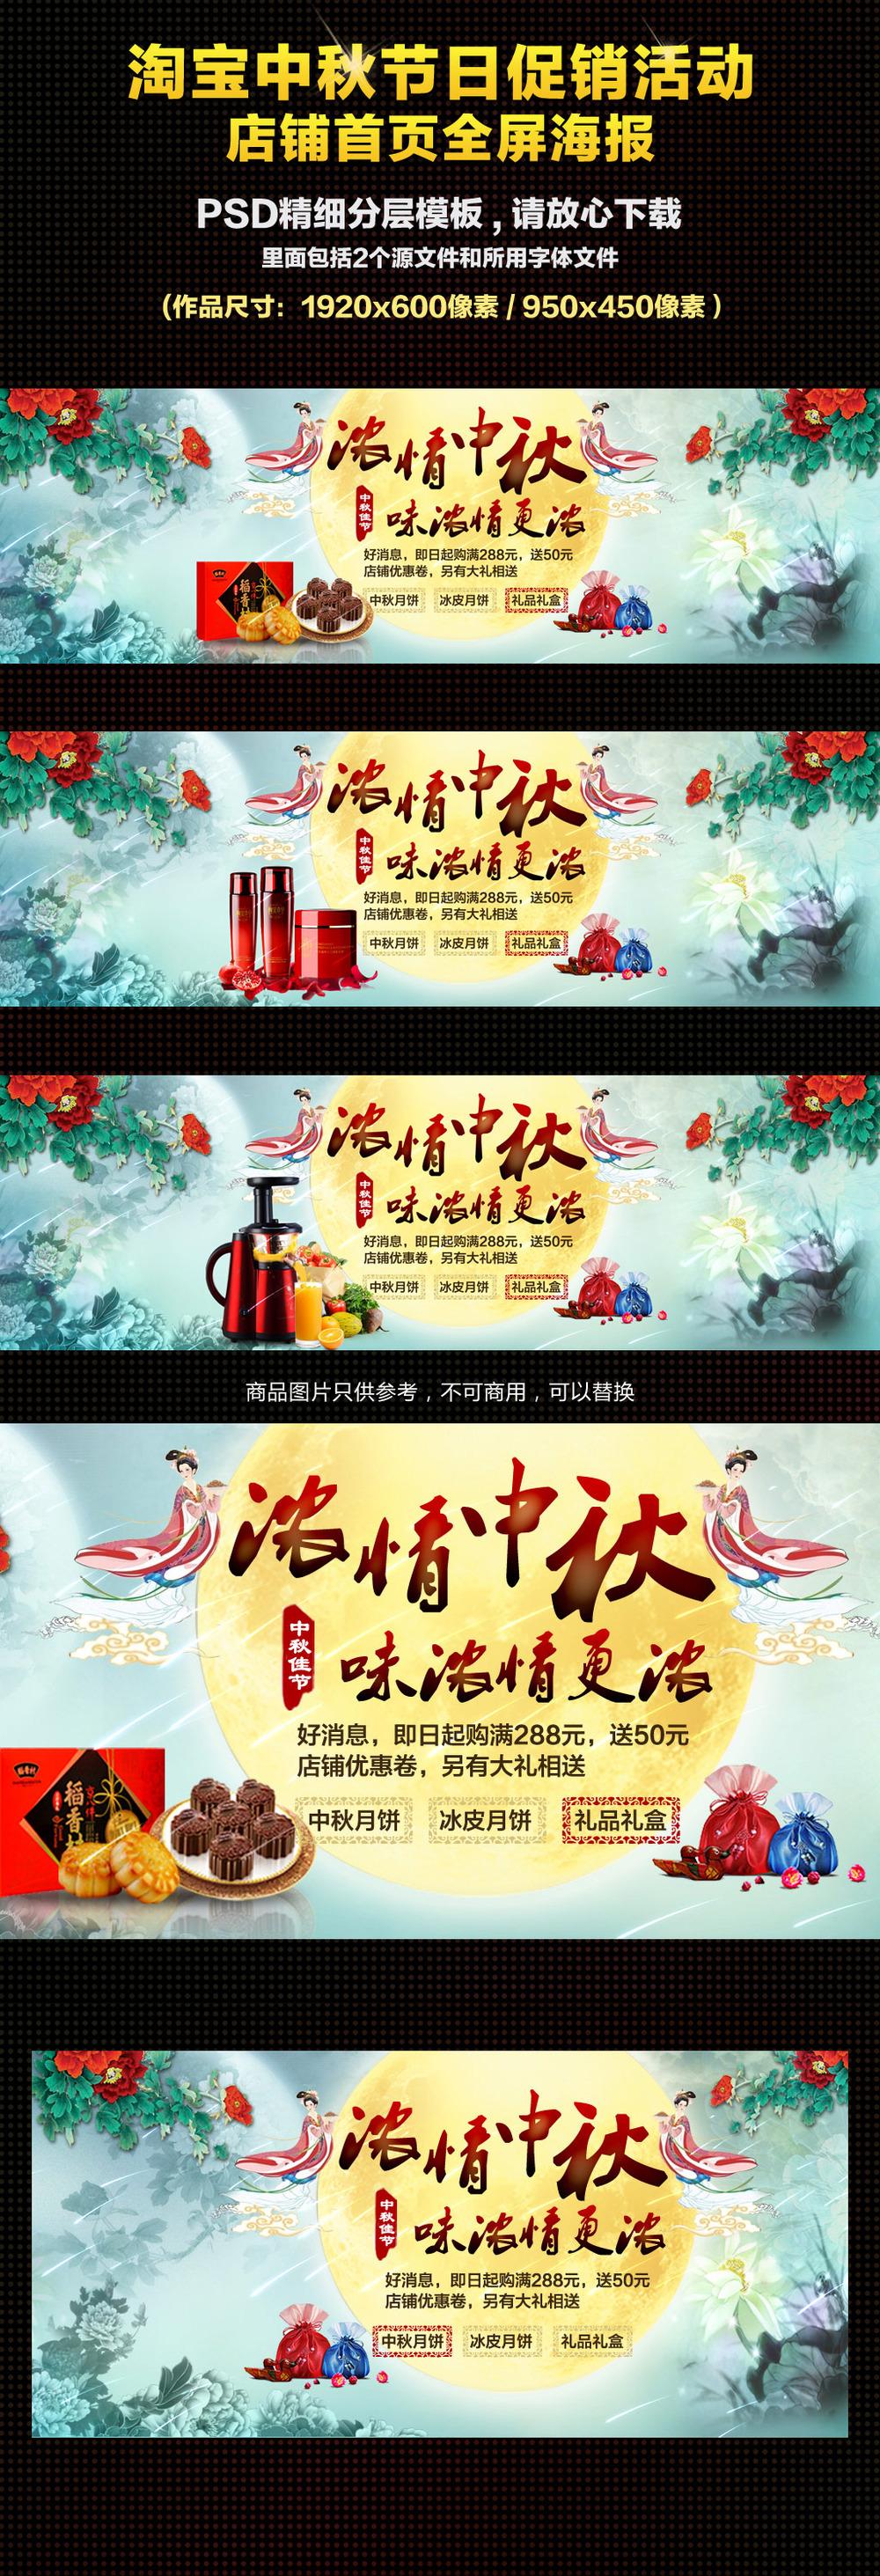 淘宝浓情中秋佳节促销海报图片